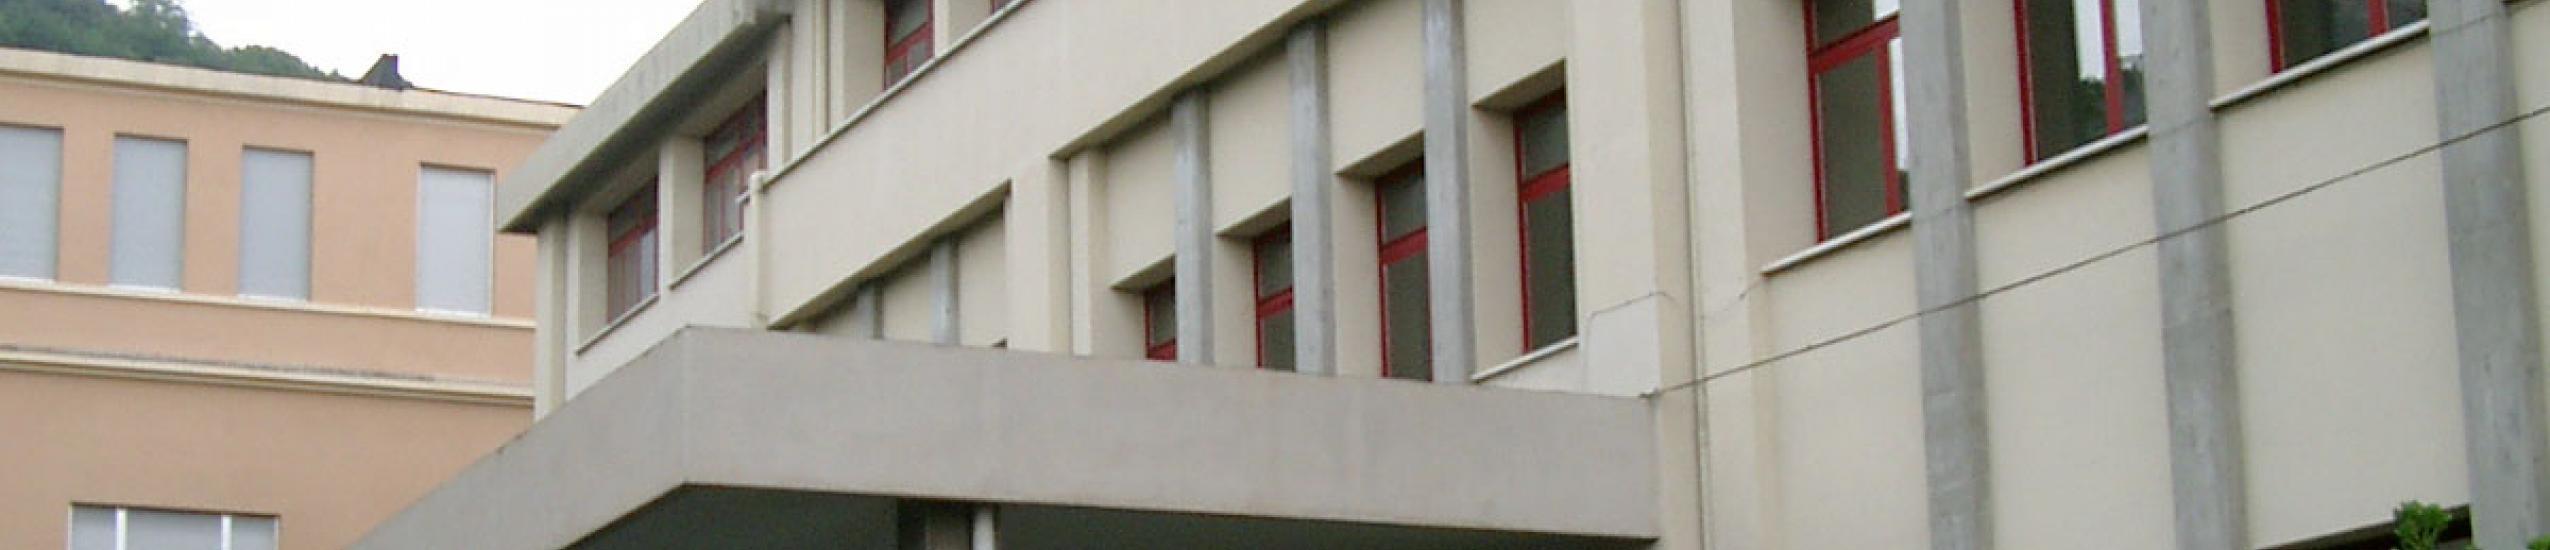 """Rete dei """"Civic Center Scolastici"""" - Liceo Lanfranconi - Via ai Cantieri, 2"""